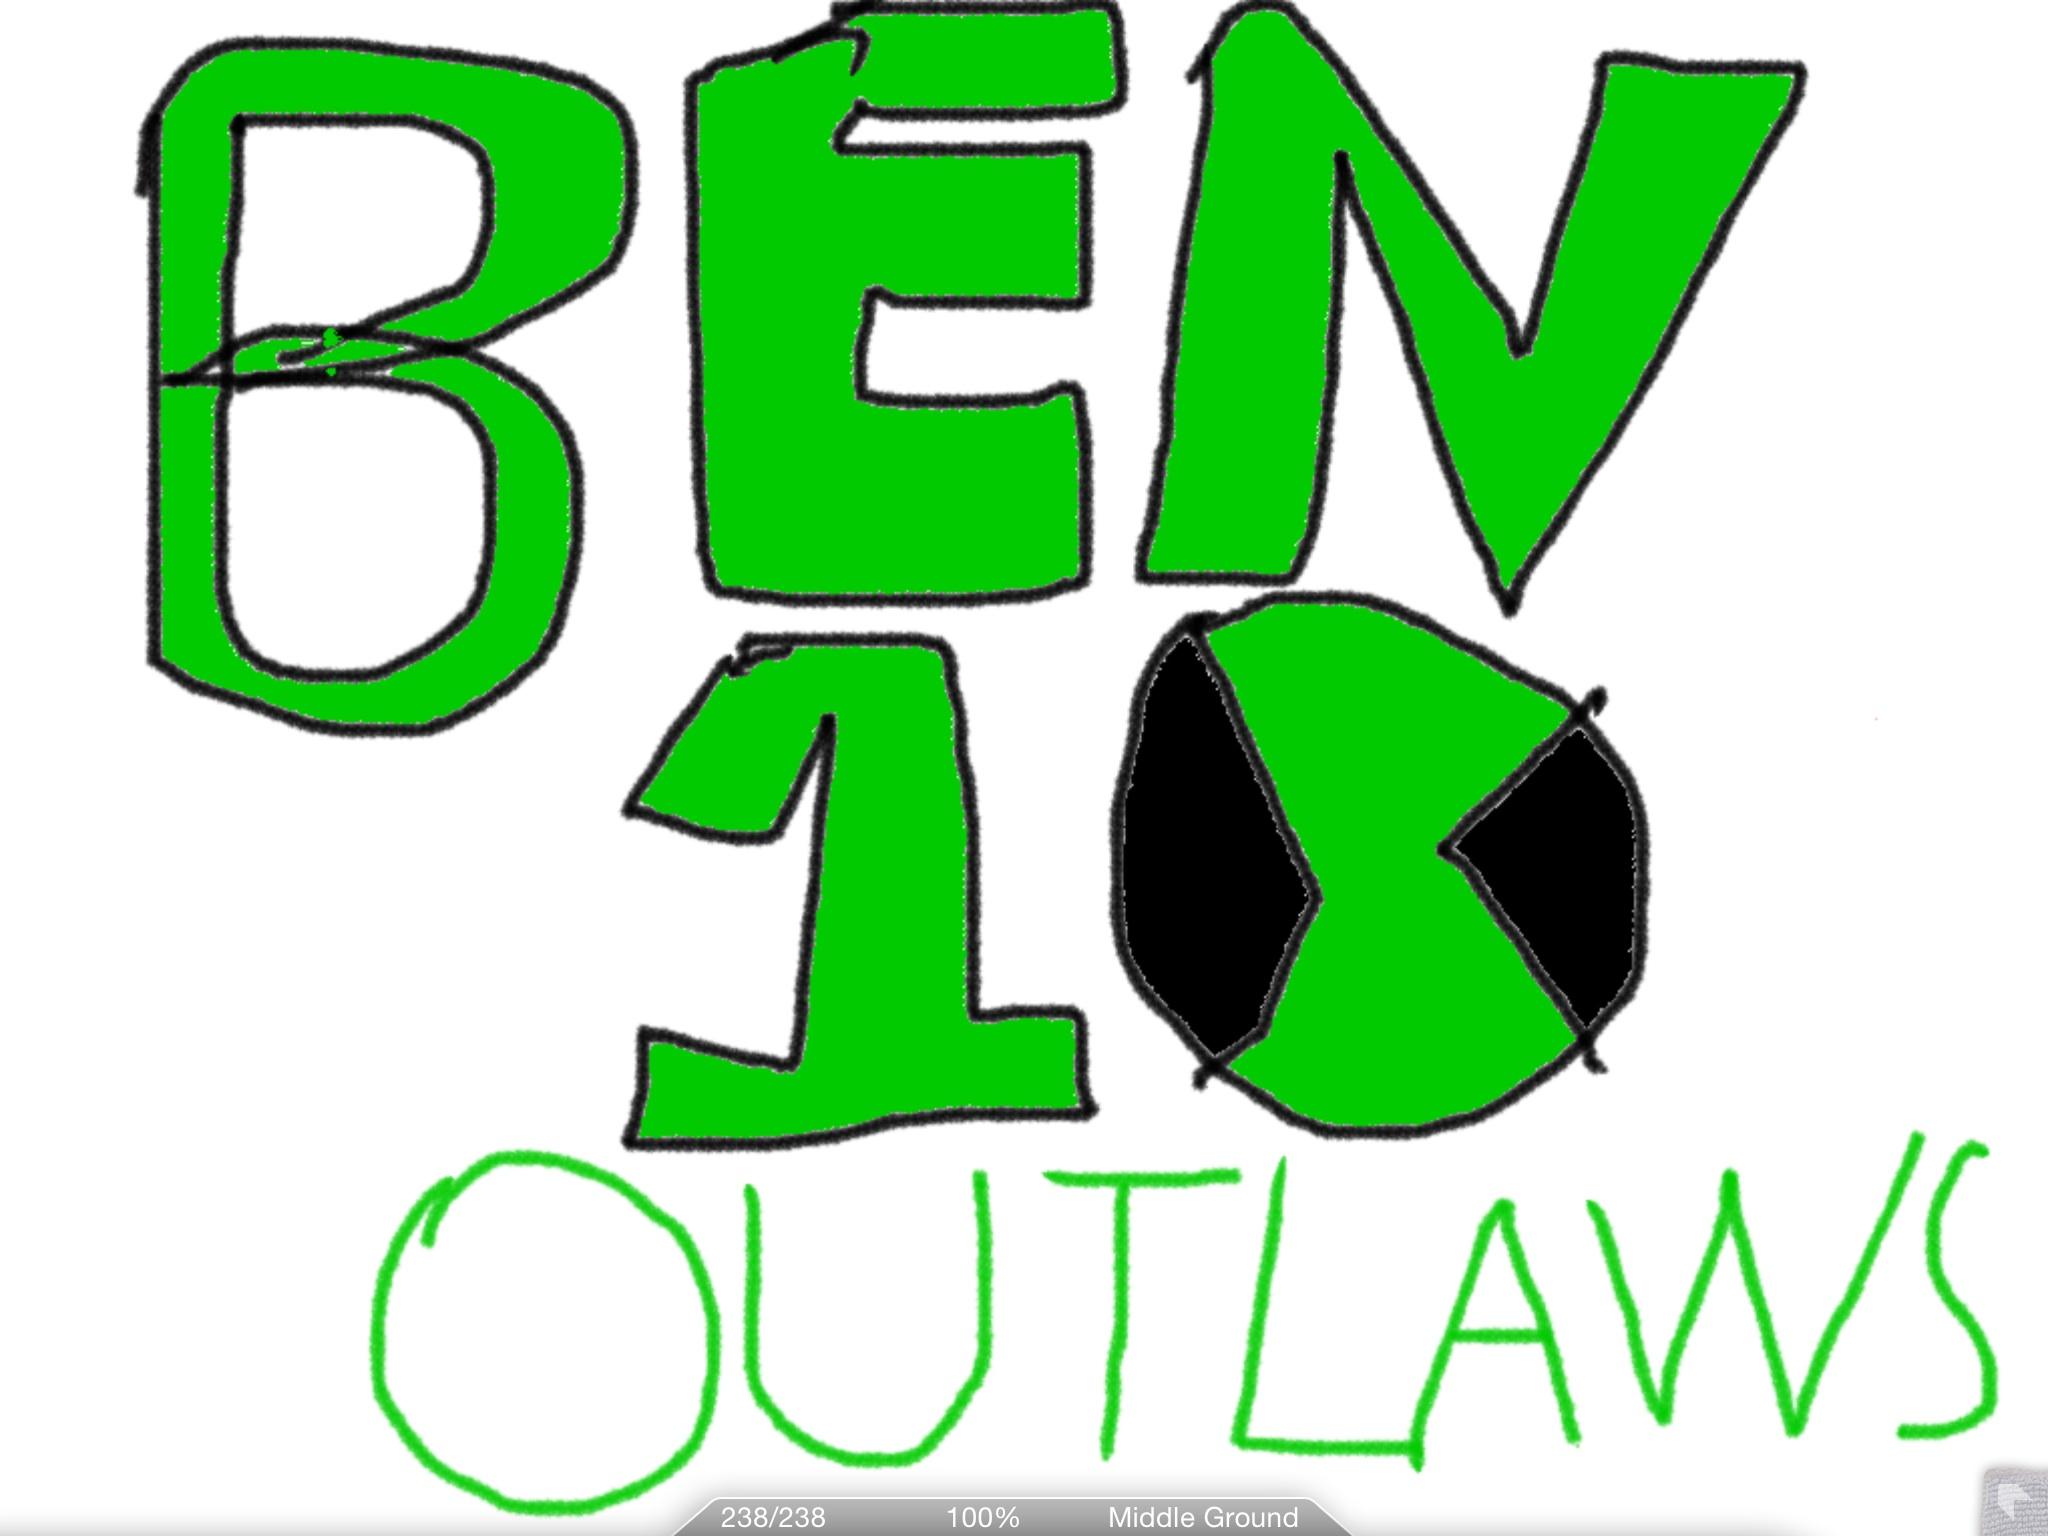 Ben 10: Outlaws